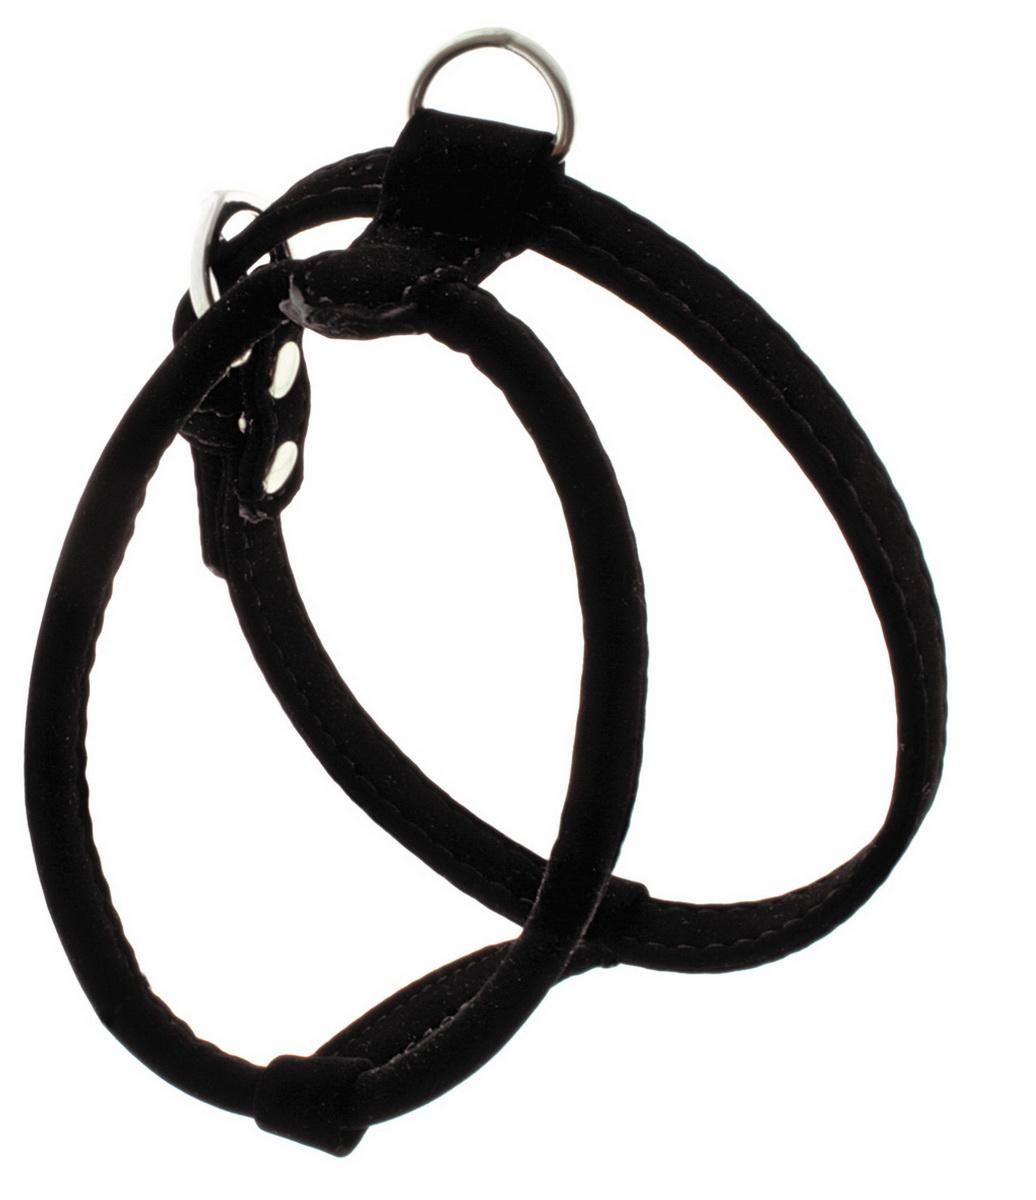 Шлейка для собак Dezzie, цвет: черный, ширина 1,5 см, обхват шеи 30 см, обхват груди 33-38 см. Размер M. 5624008 шлейка для собак dezzie цвет черный ширина 1 см обхват шеи 25 см обхват груди 28 33 см размер s 5624007